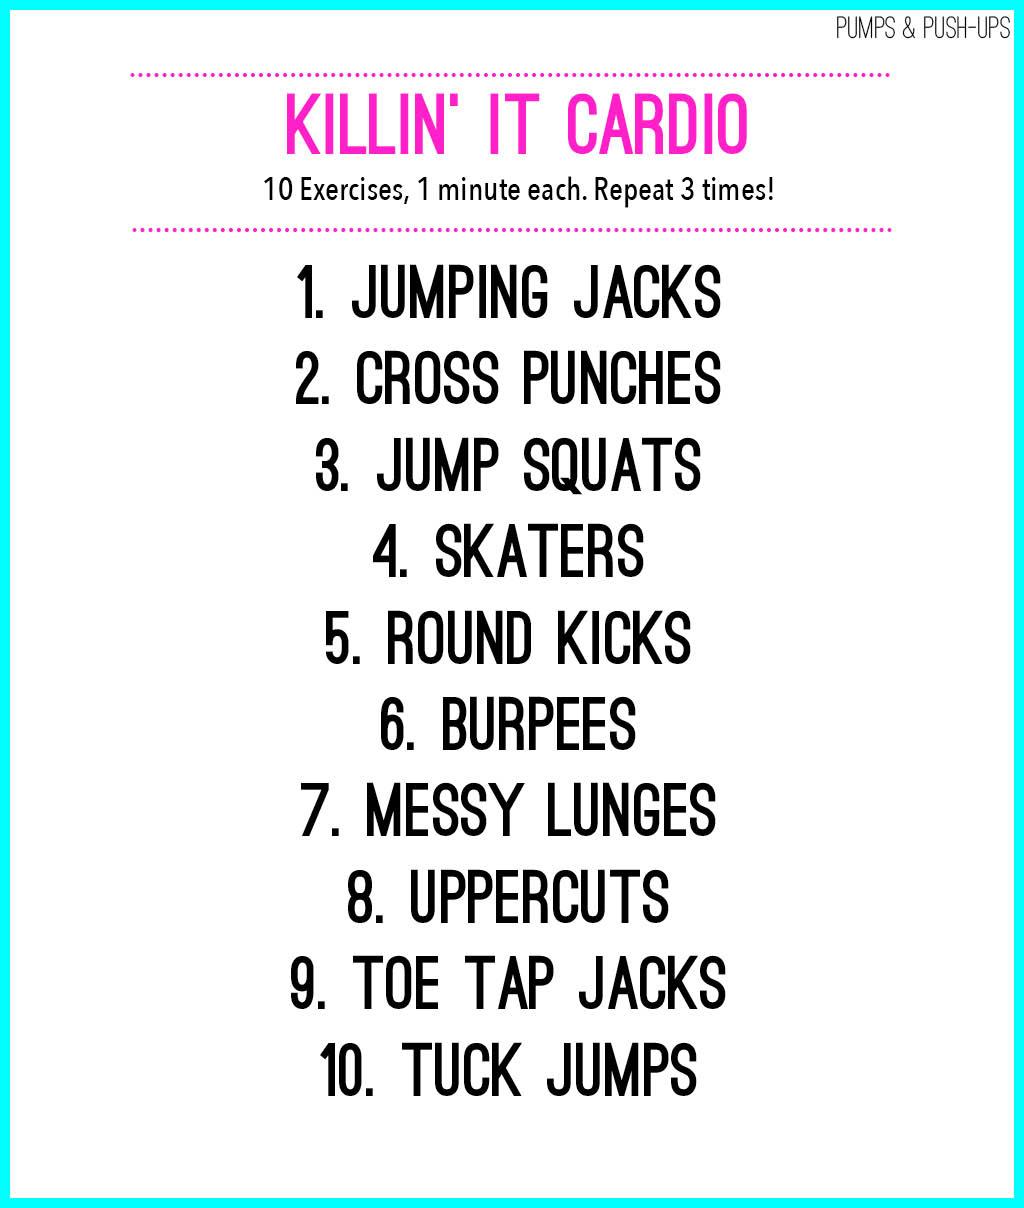 Cardio Workout: Killin' It Cardio Workout